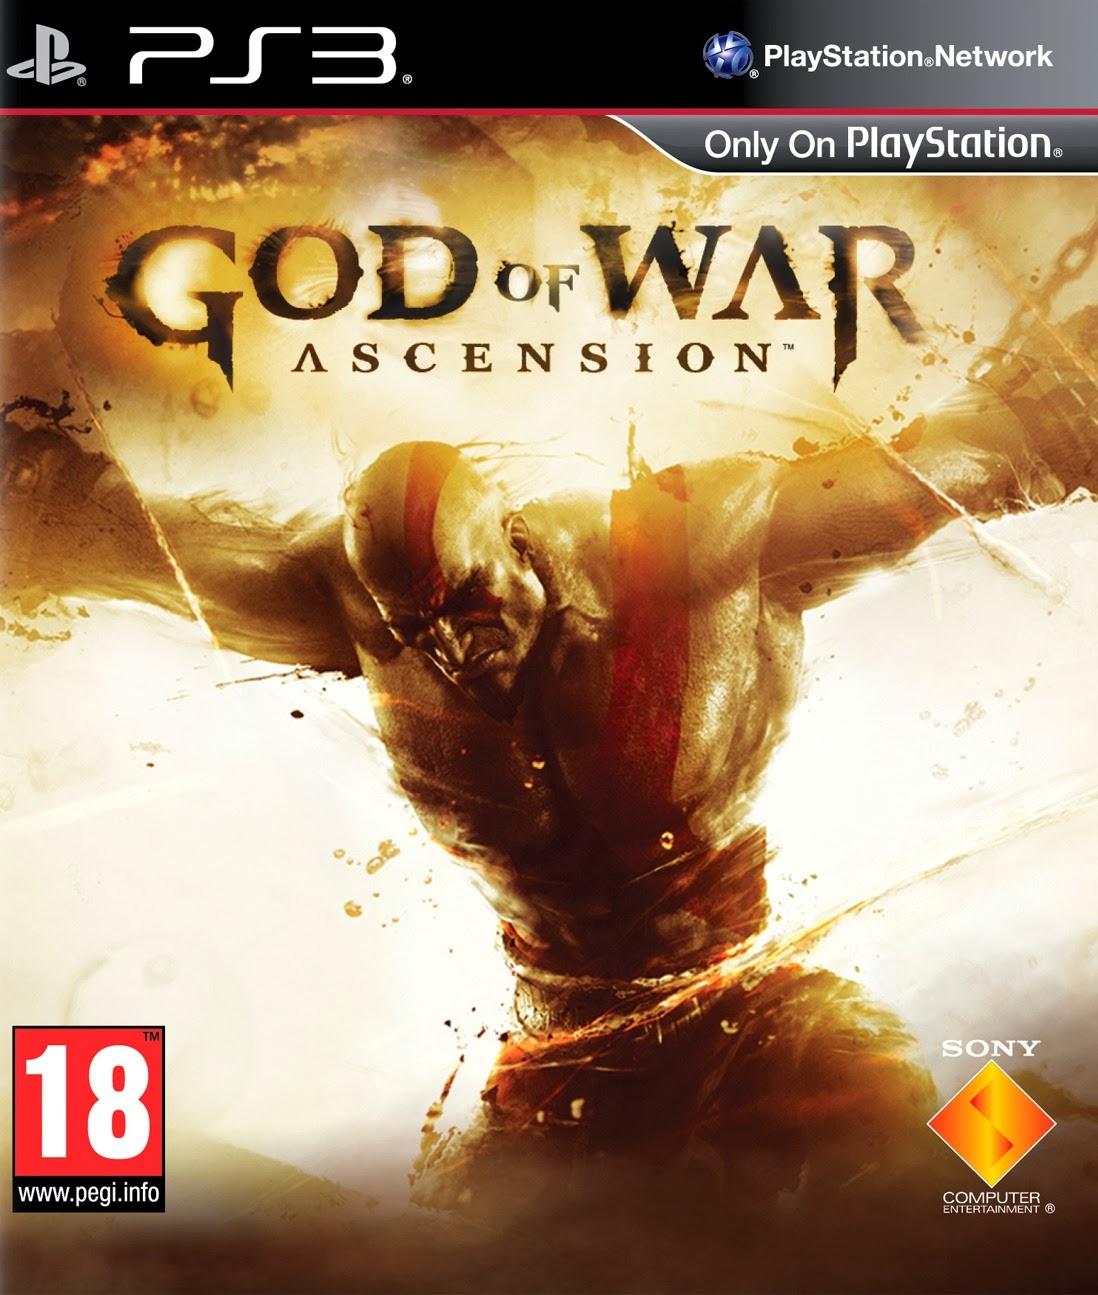 Telecharger Jeux Gratuit: Télécharger God Of War : Ascension dedans Jeux Gratuit 3 Ans